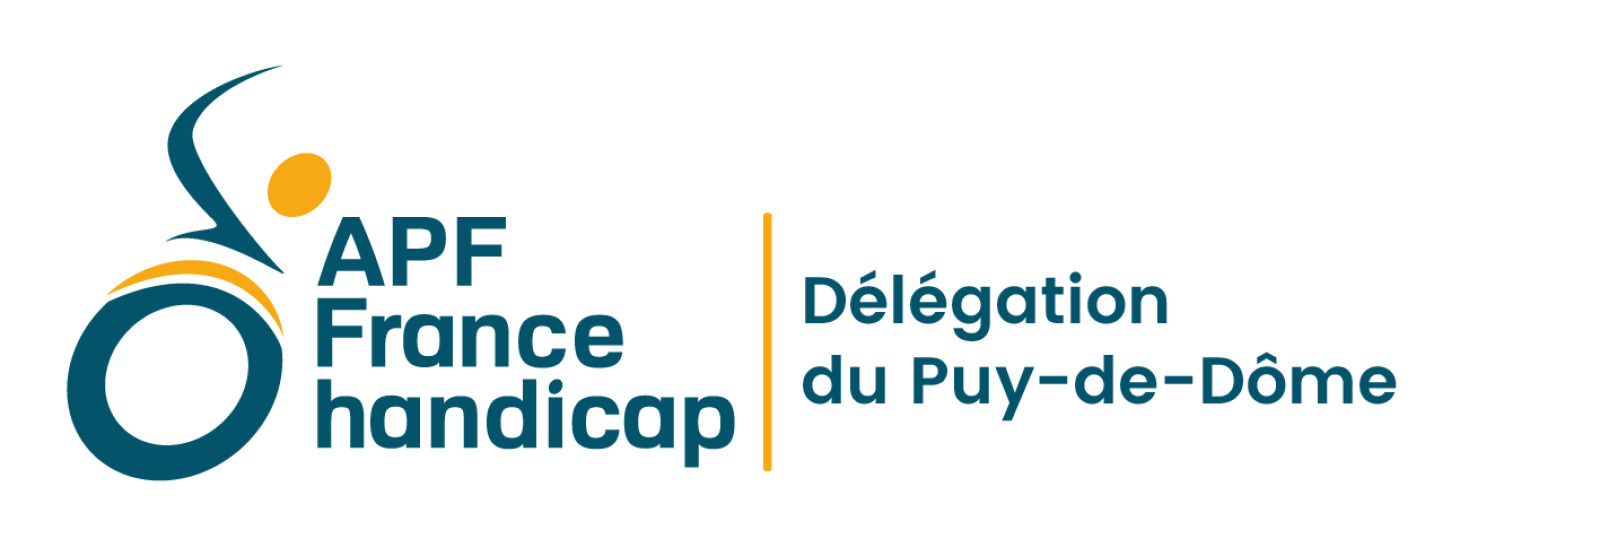 AFP France Handicap du Puy-de-Dôme